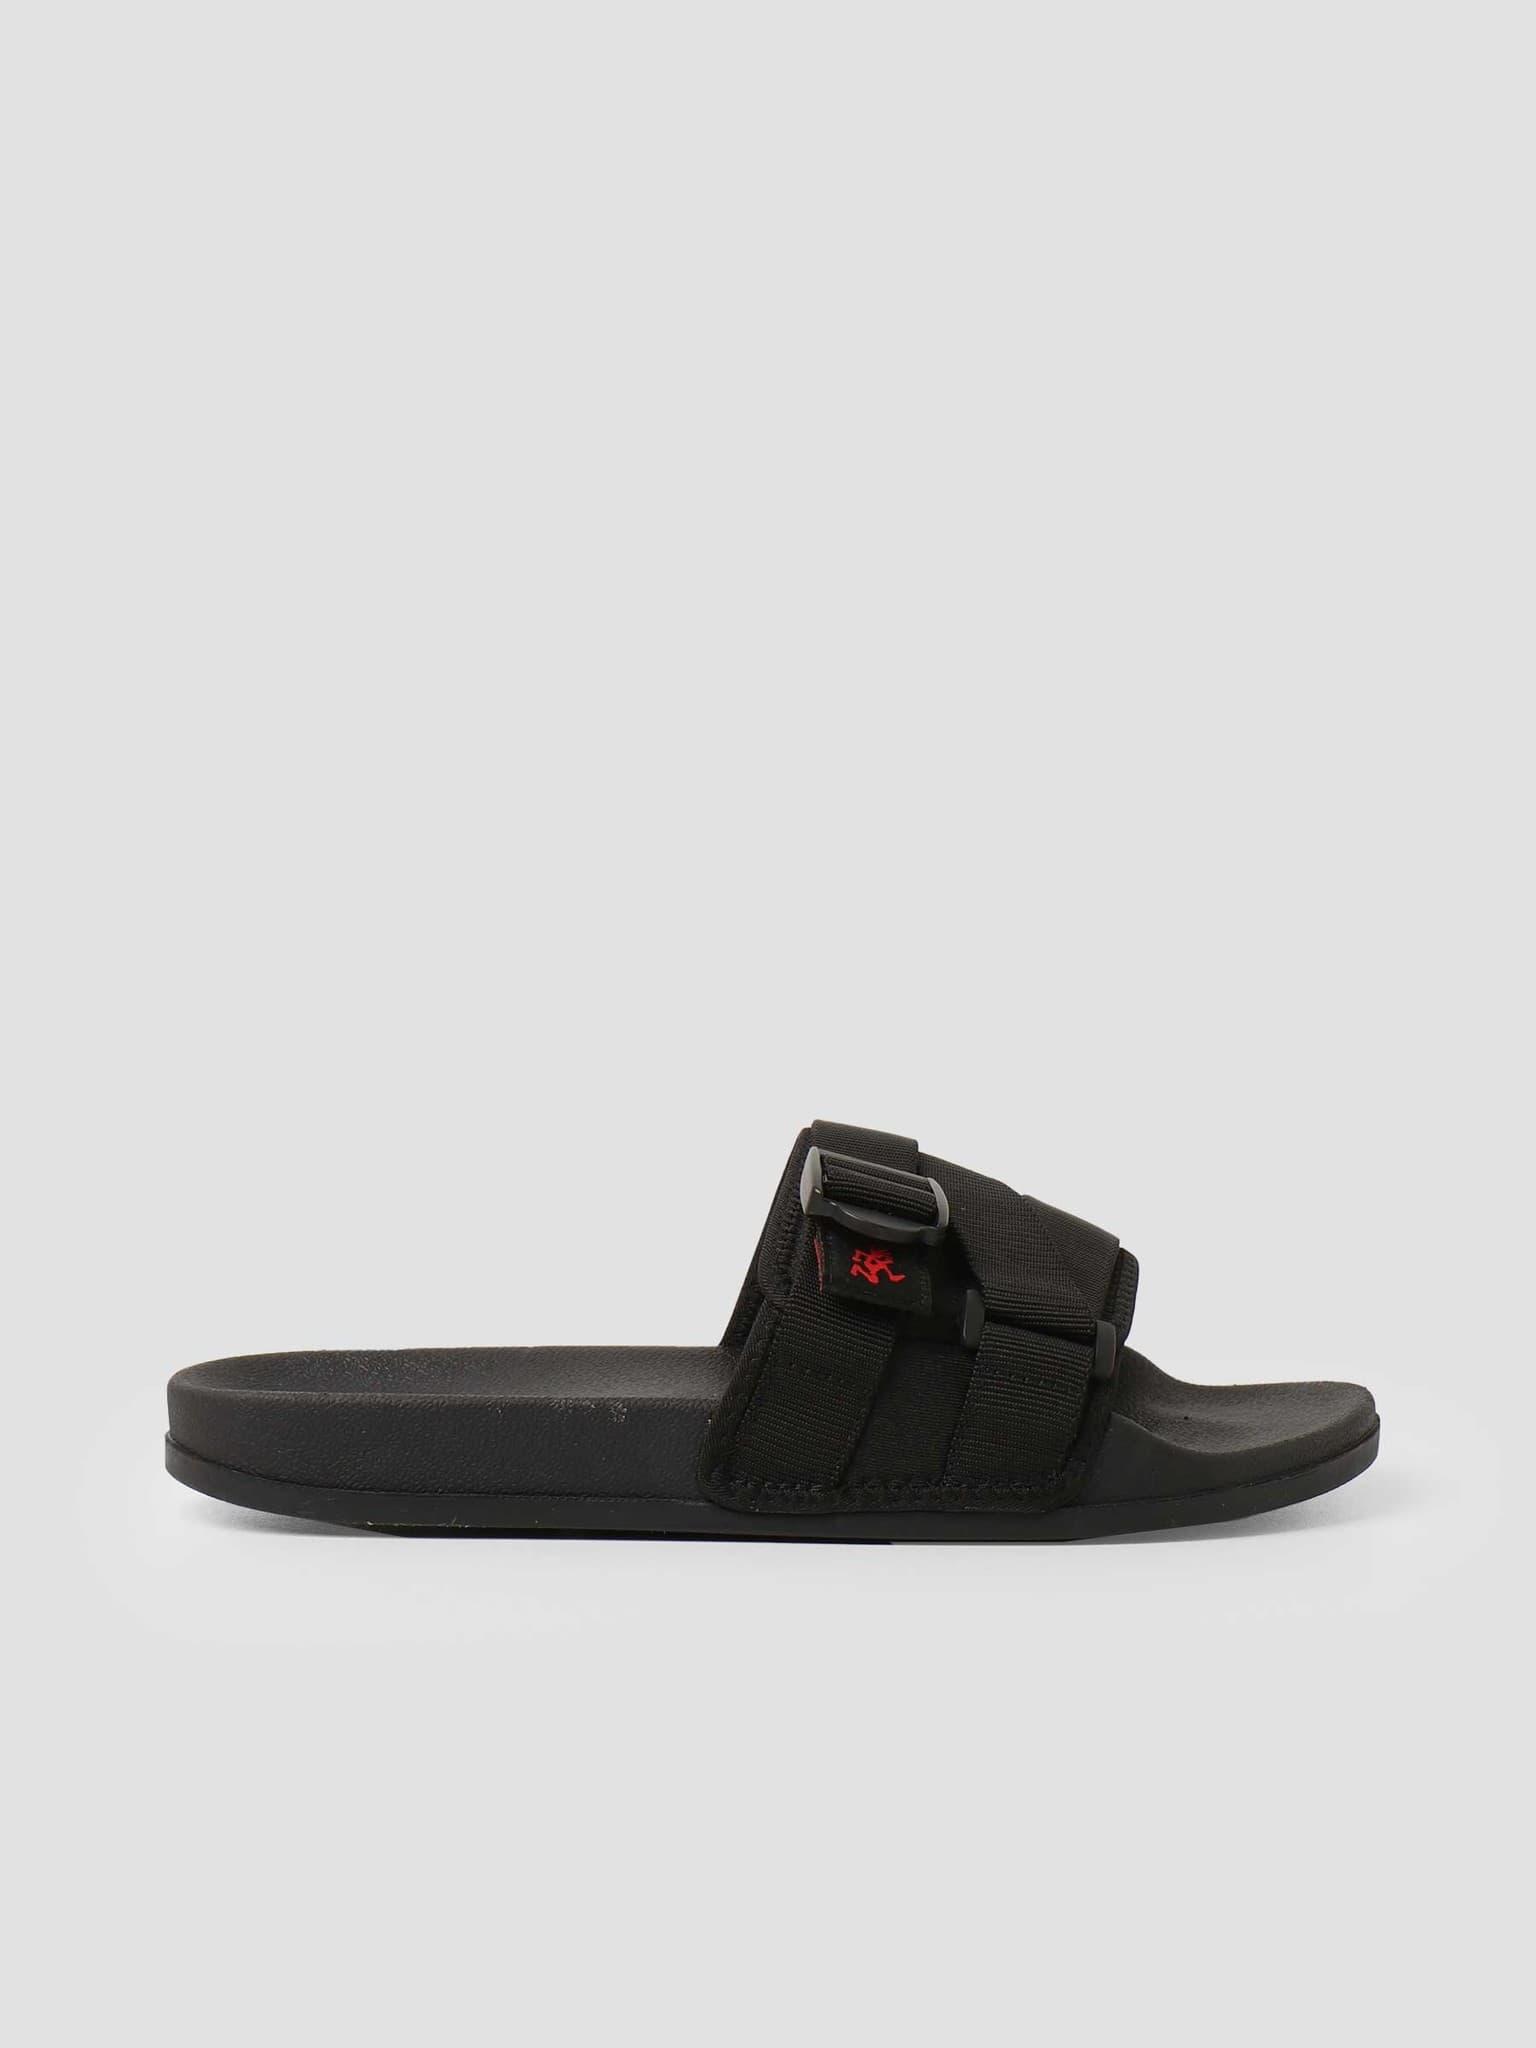 Slide Sandals Black GRF-004